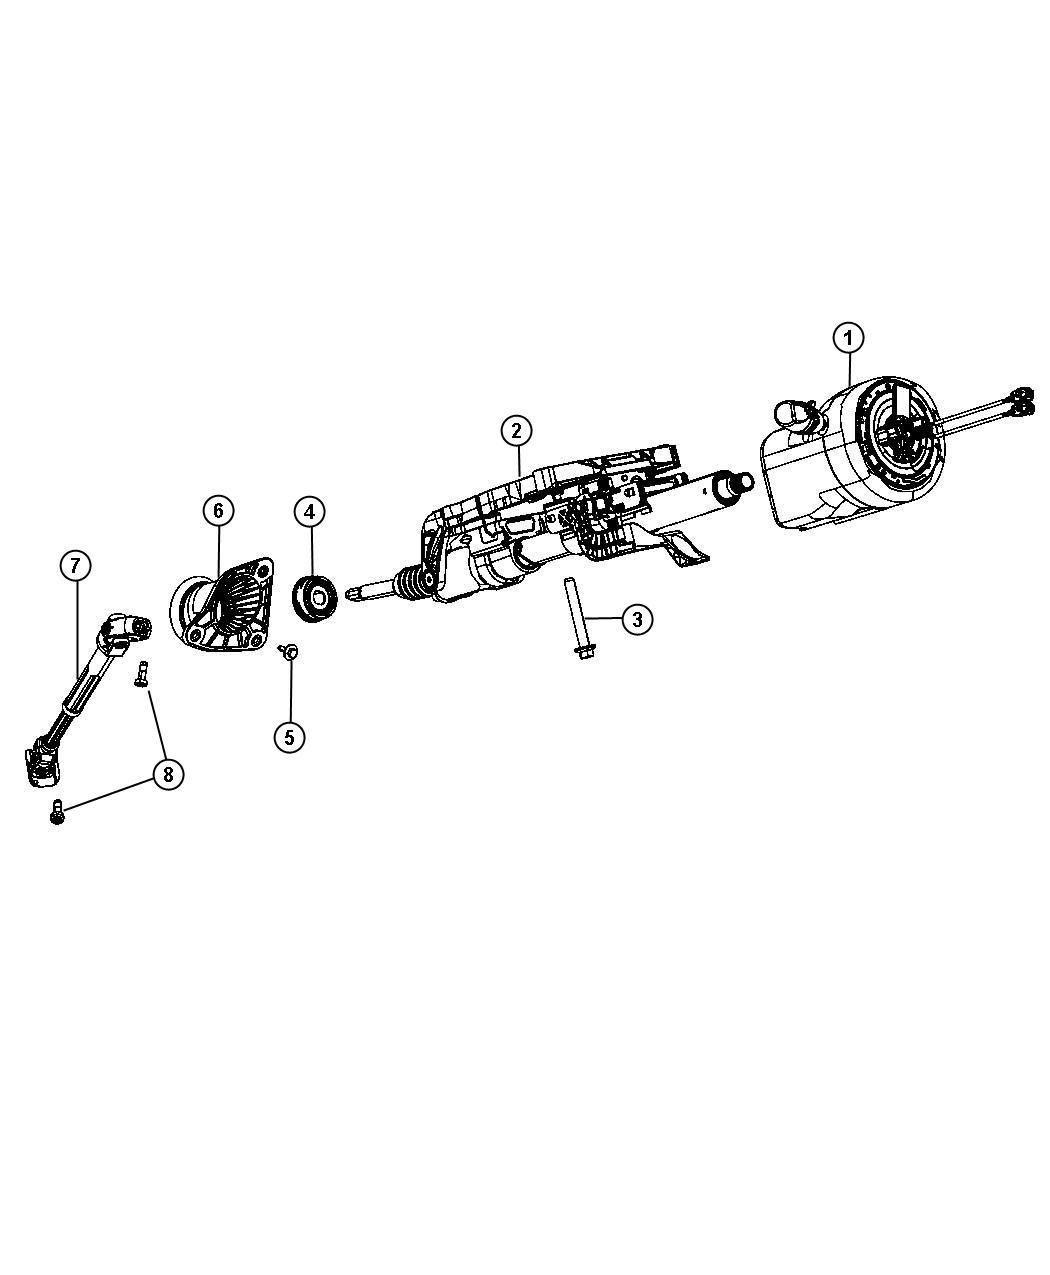 Dodge Durango Column Steering Export Power Tilt